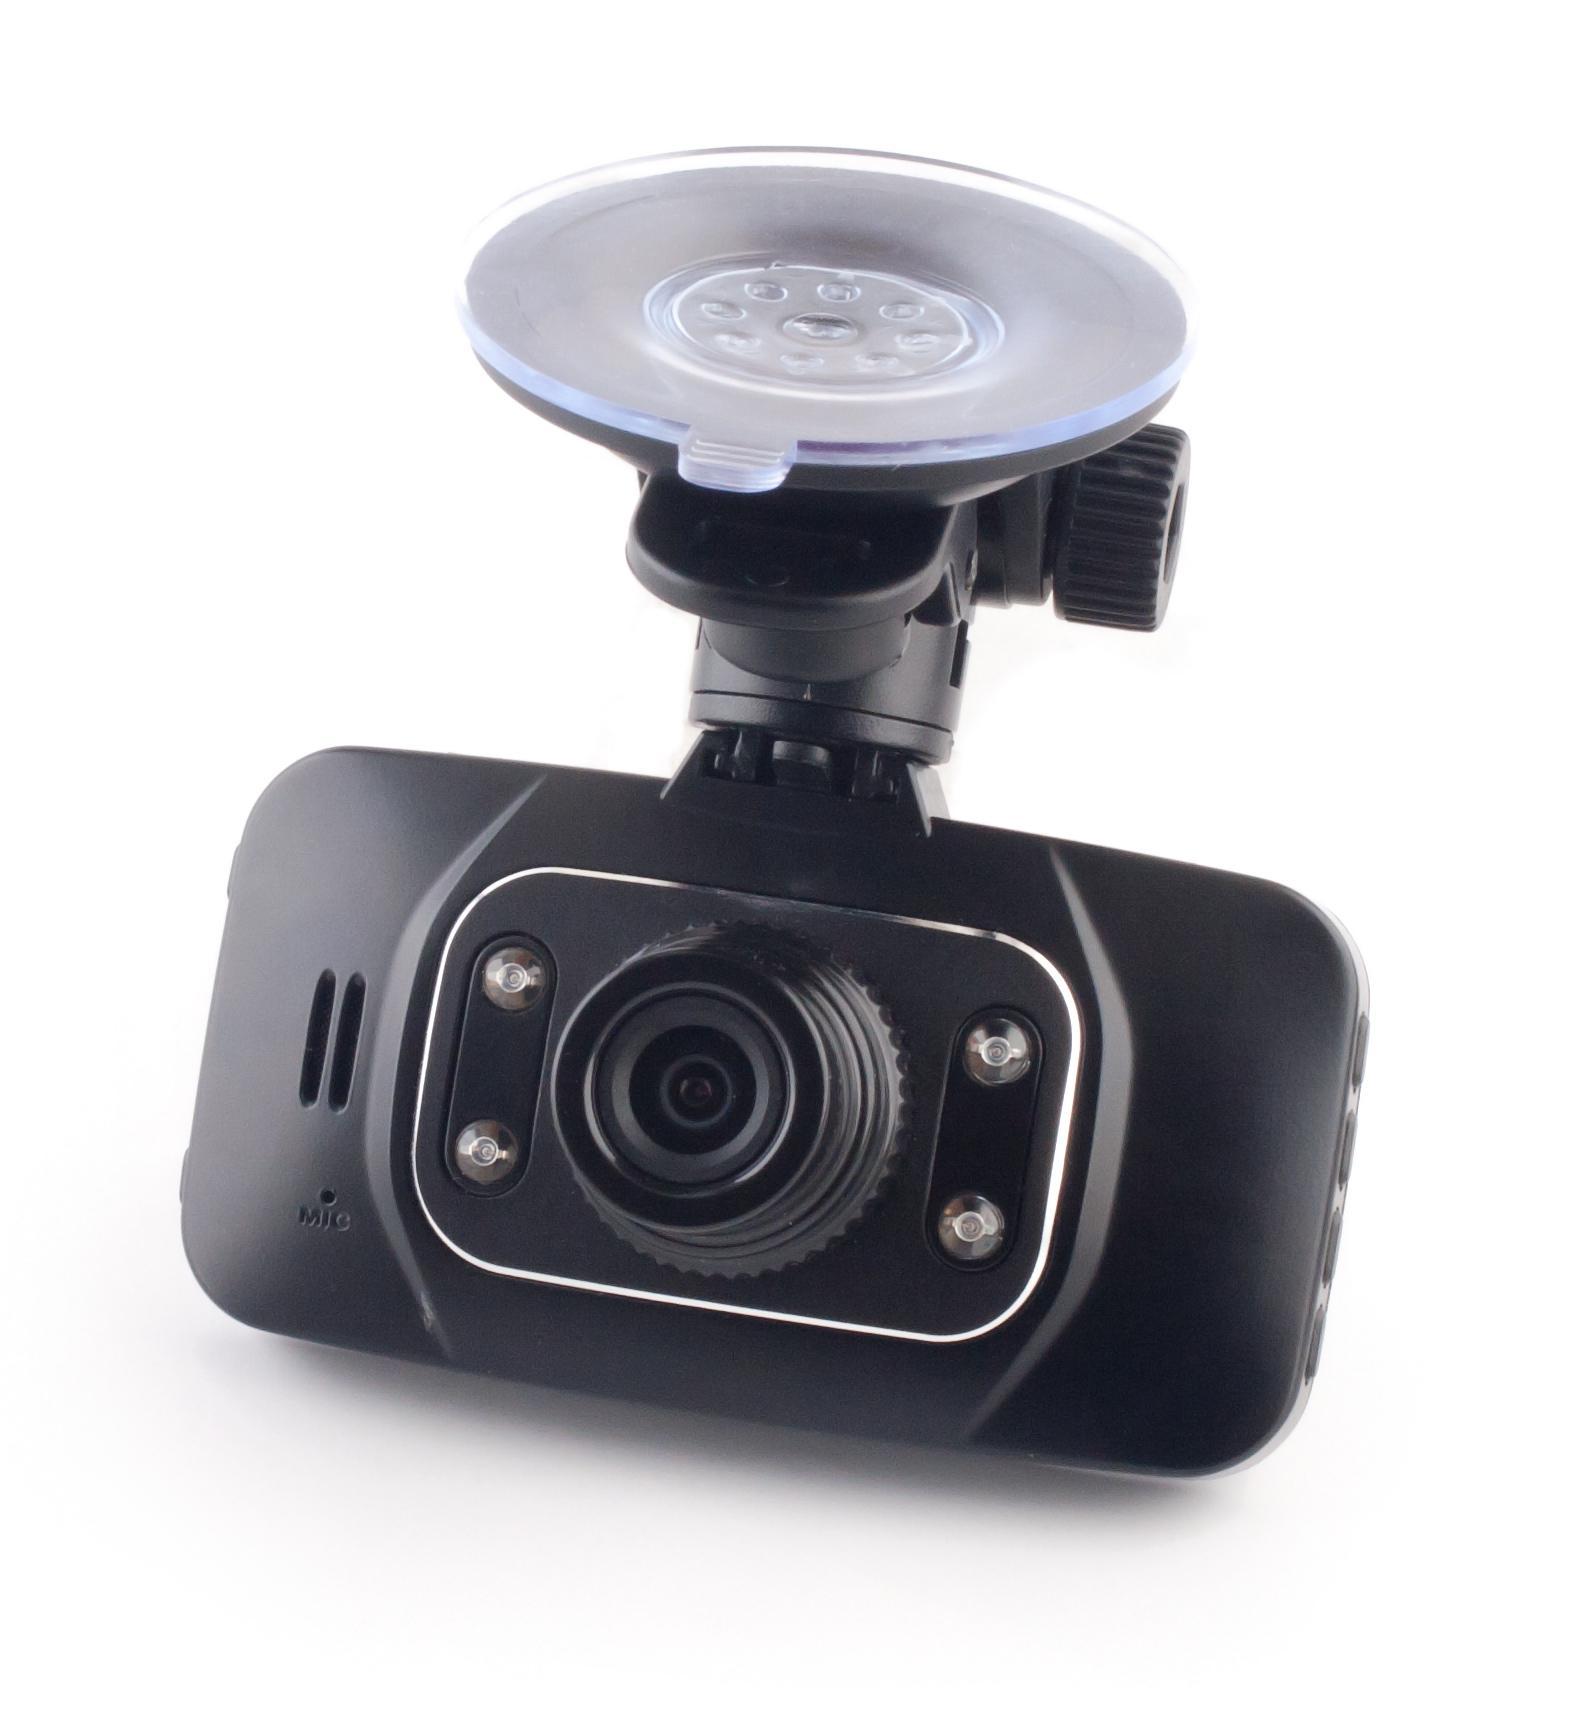 Forever VR-300 car dvr video recorder